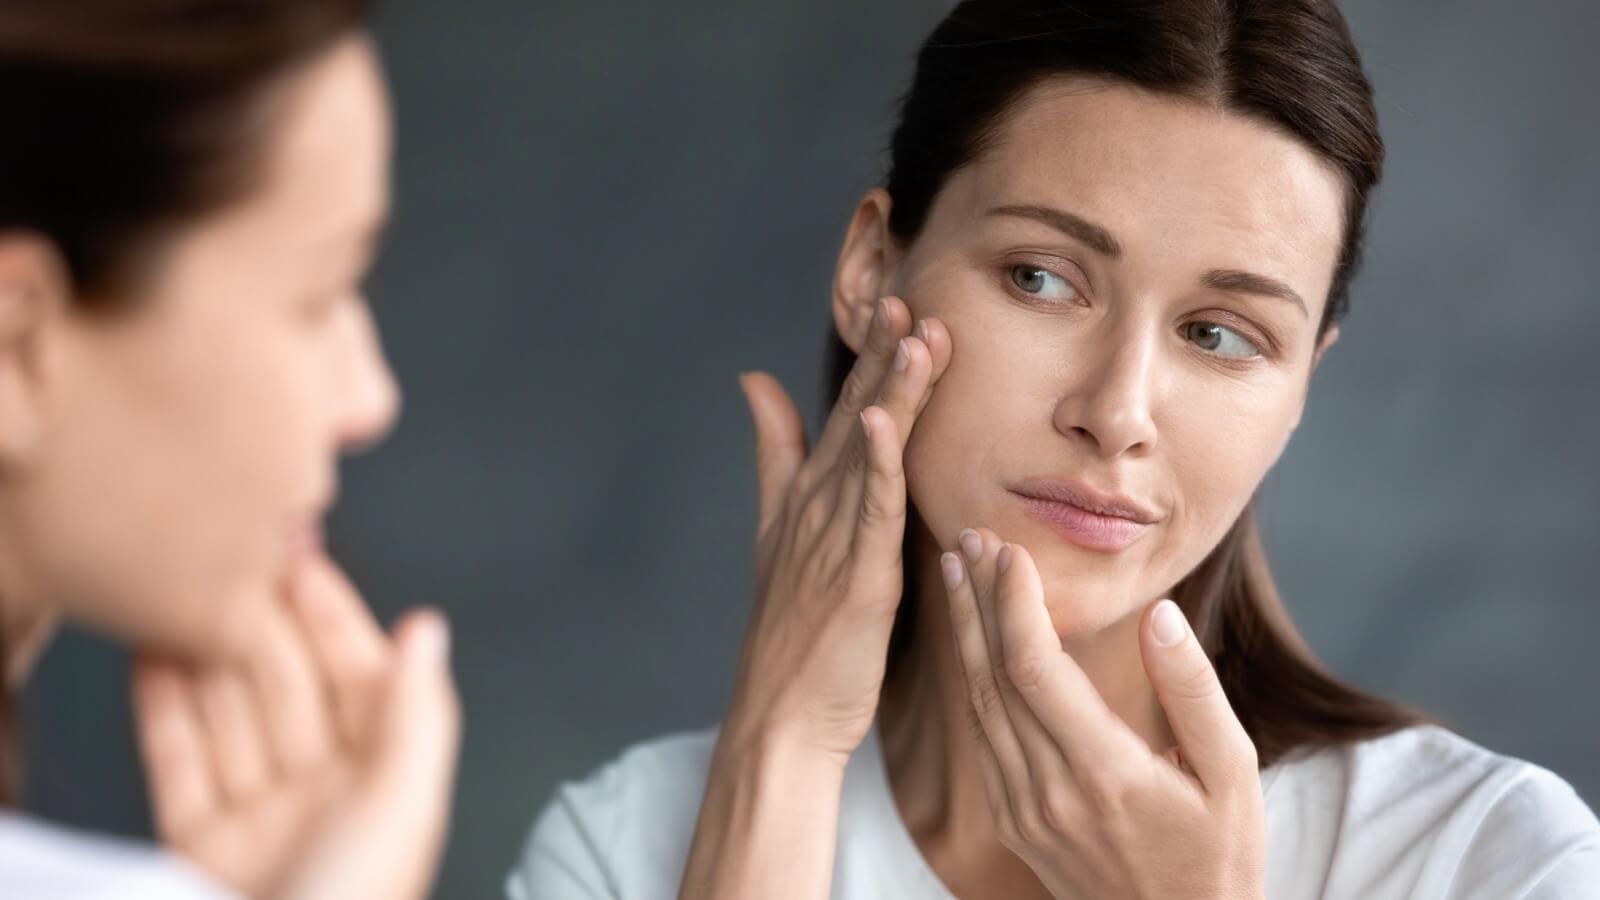 Piel seca y escamosa: síntomas, causas y tratamientos más efectivos